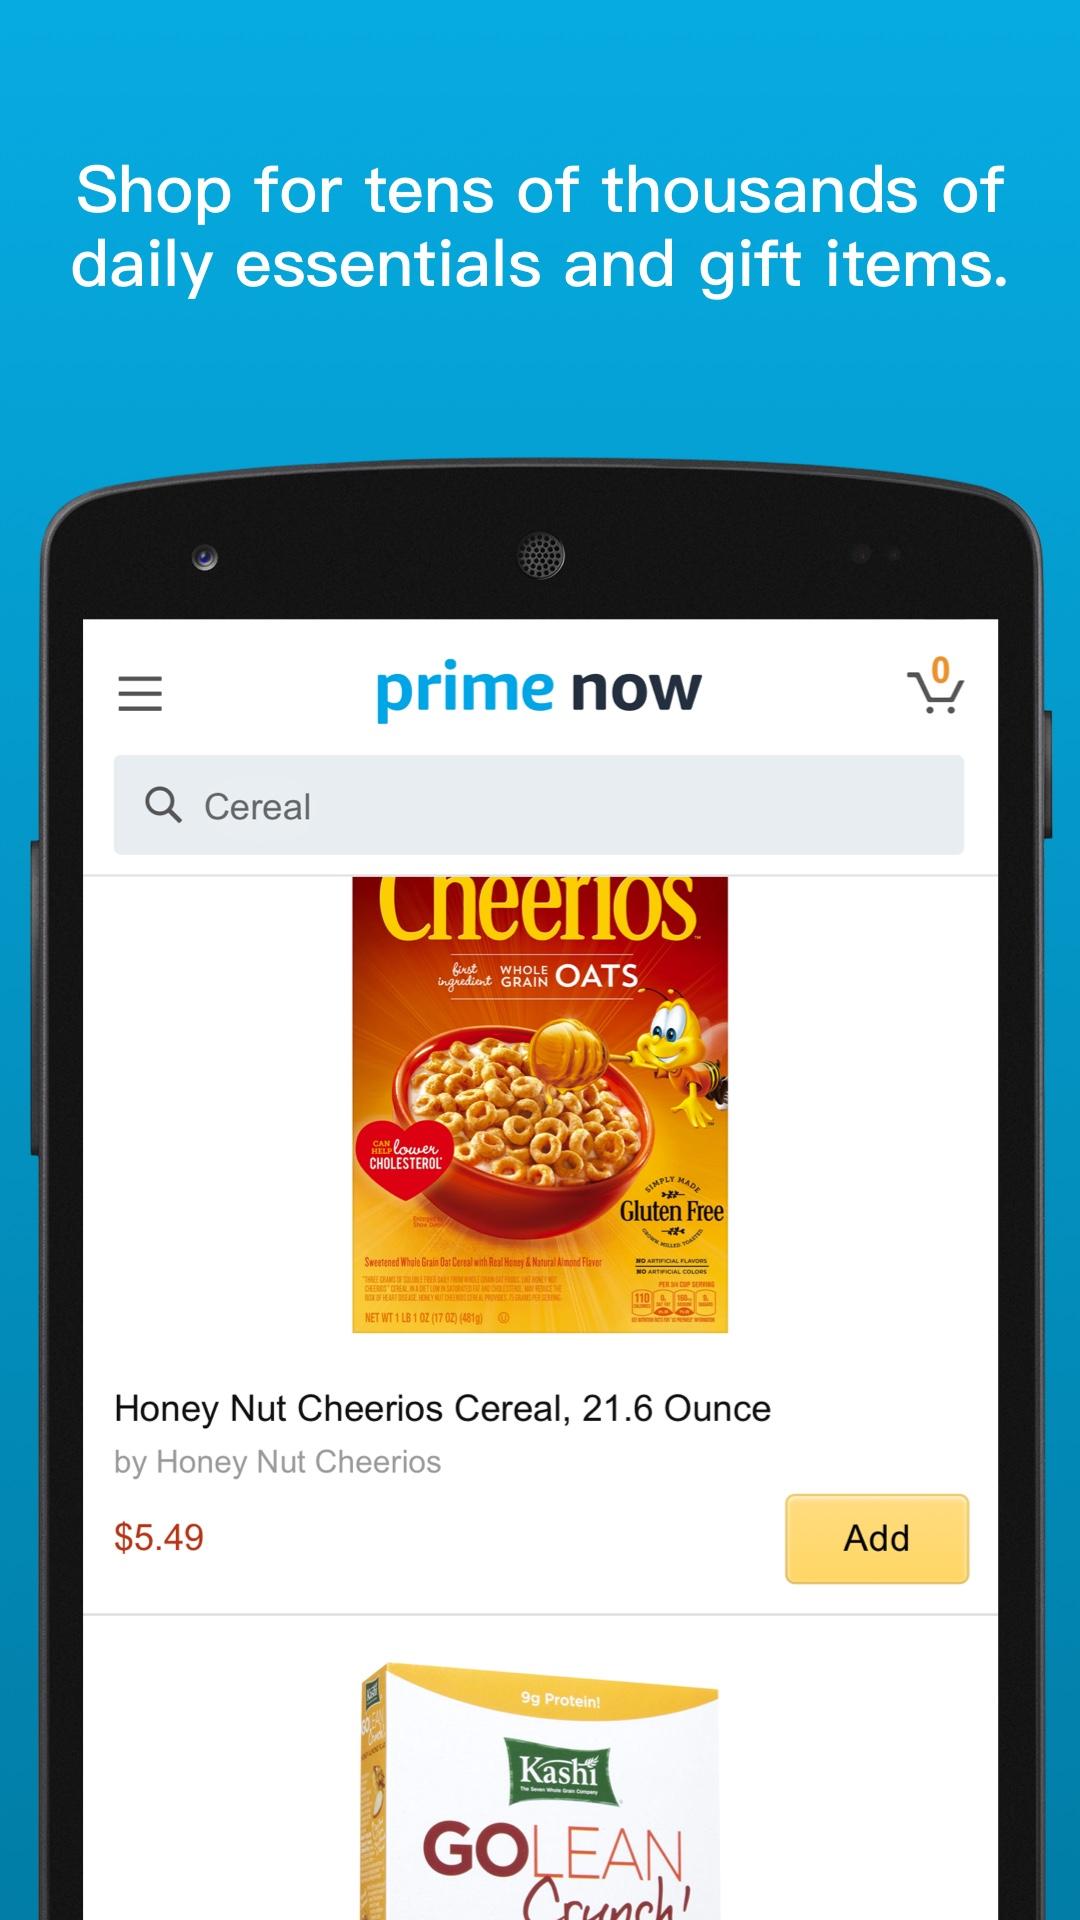 Amazon Prime Now Img 2 Zoom